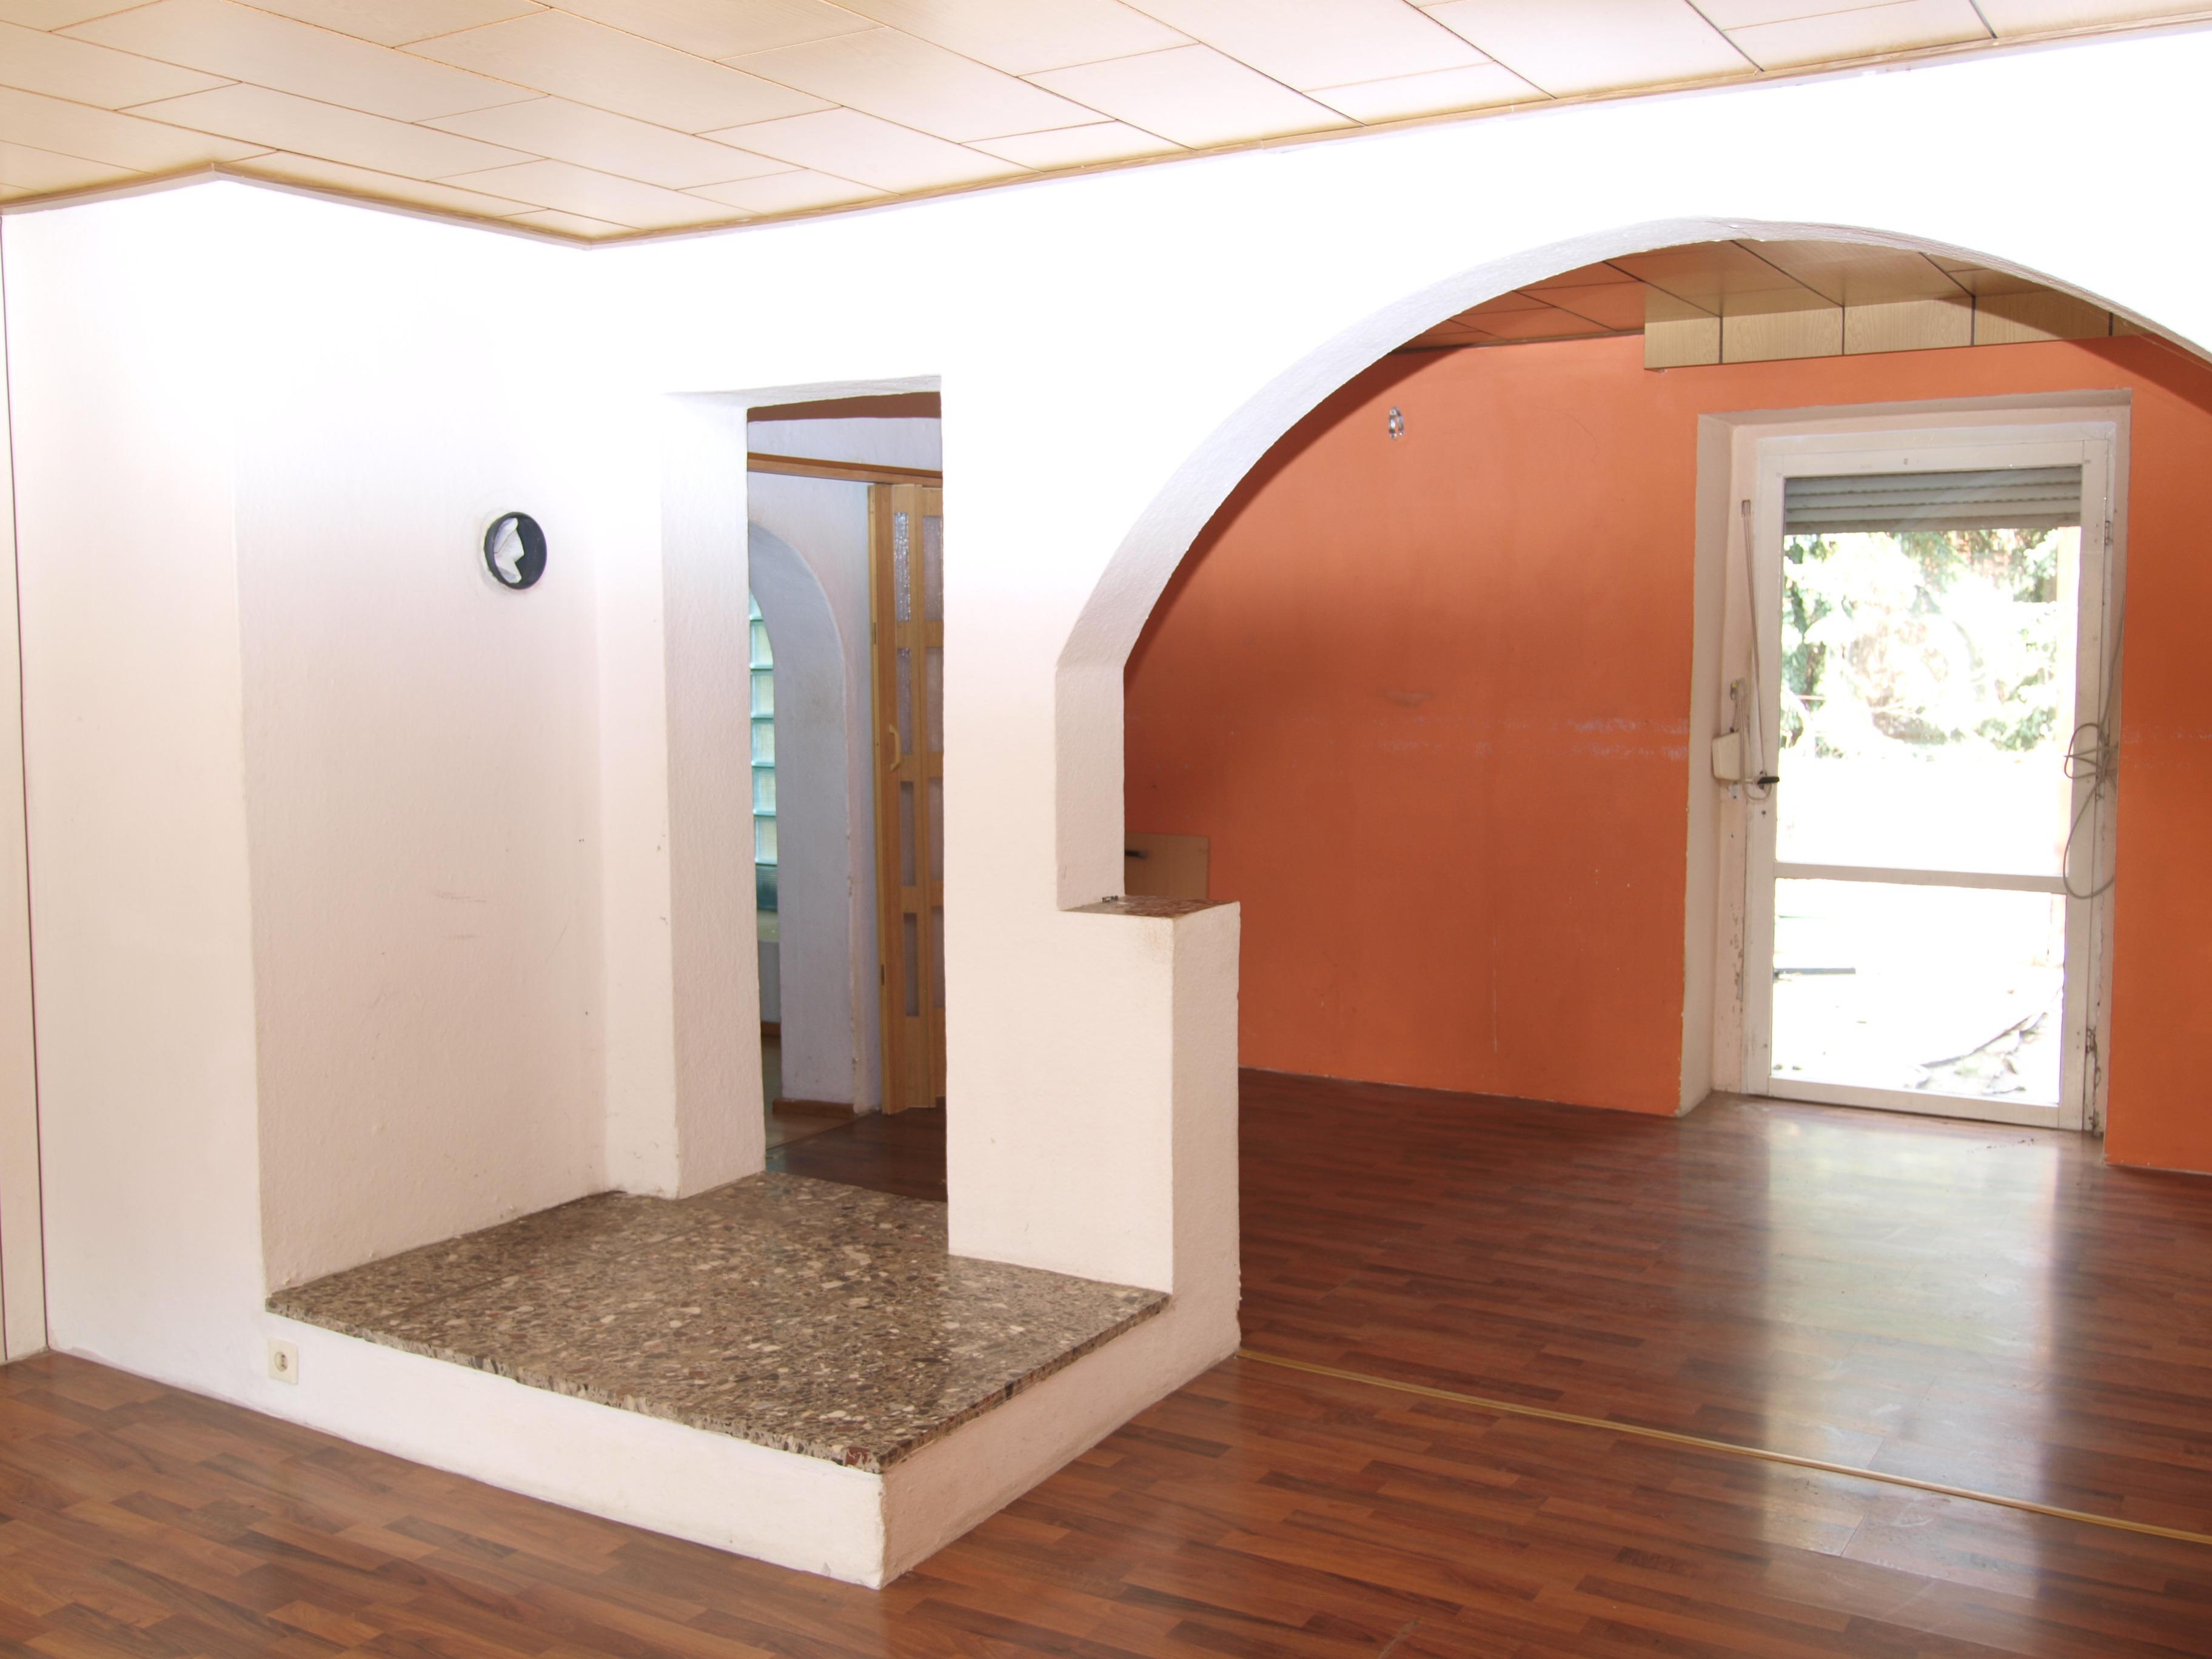 Einfamilienhaus Mansfeld - individuell geschnittenes Zimmer im Erdgeschoss mit Kaminabsatz und Zugang zur Terrasse